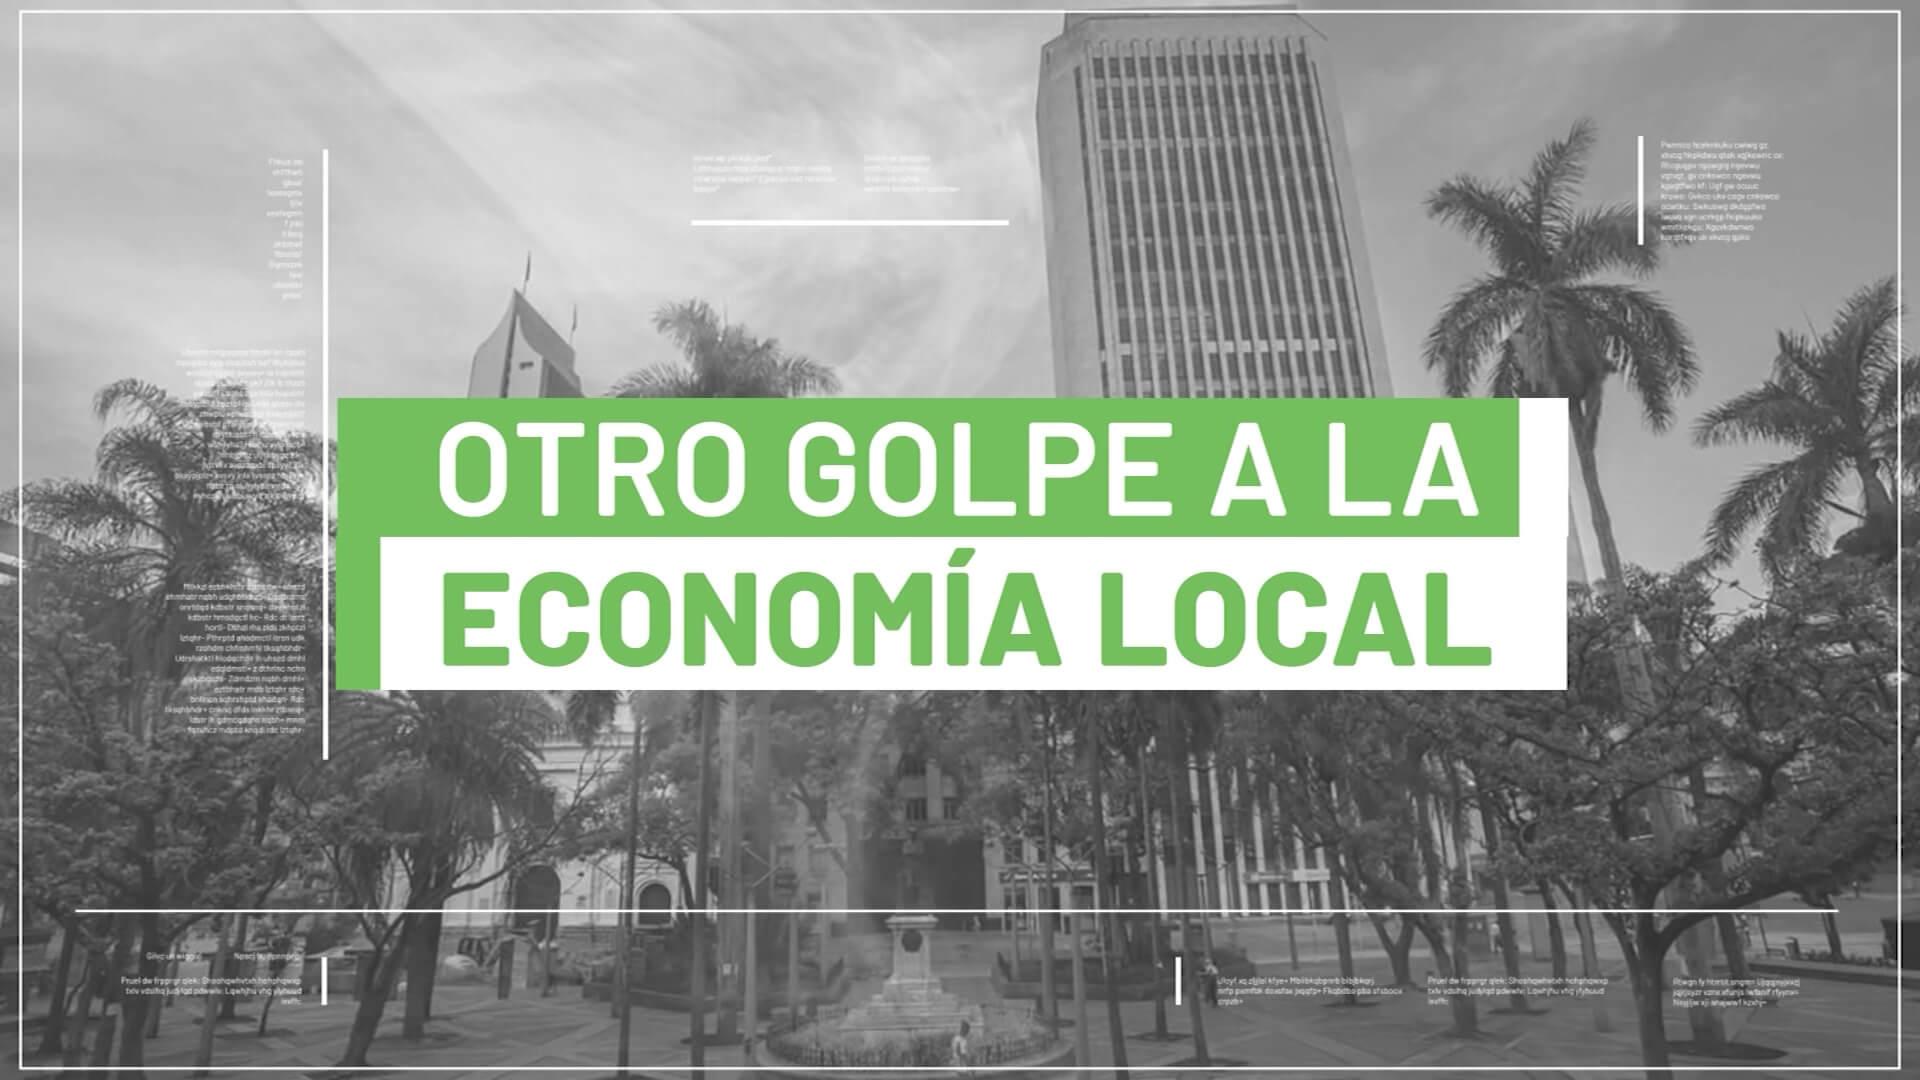 #EspecialesTA : Otro Golpe a la Economía Local, parte 1